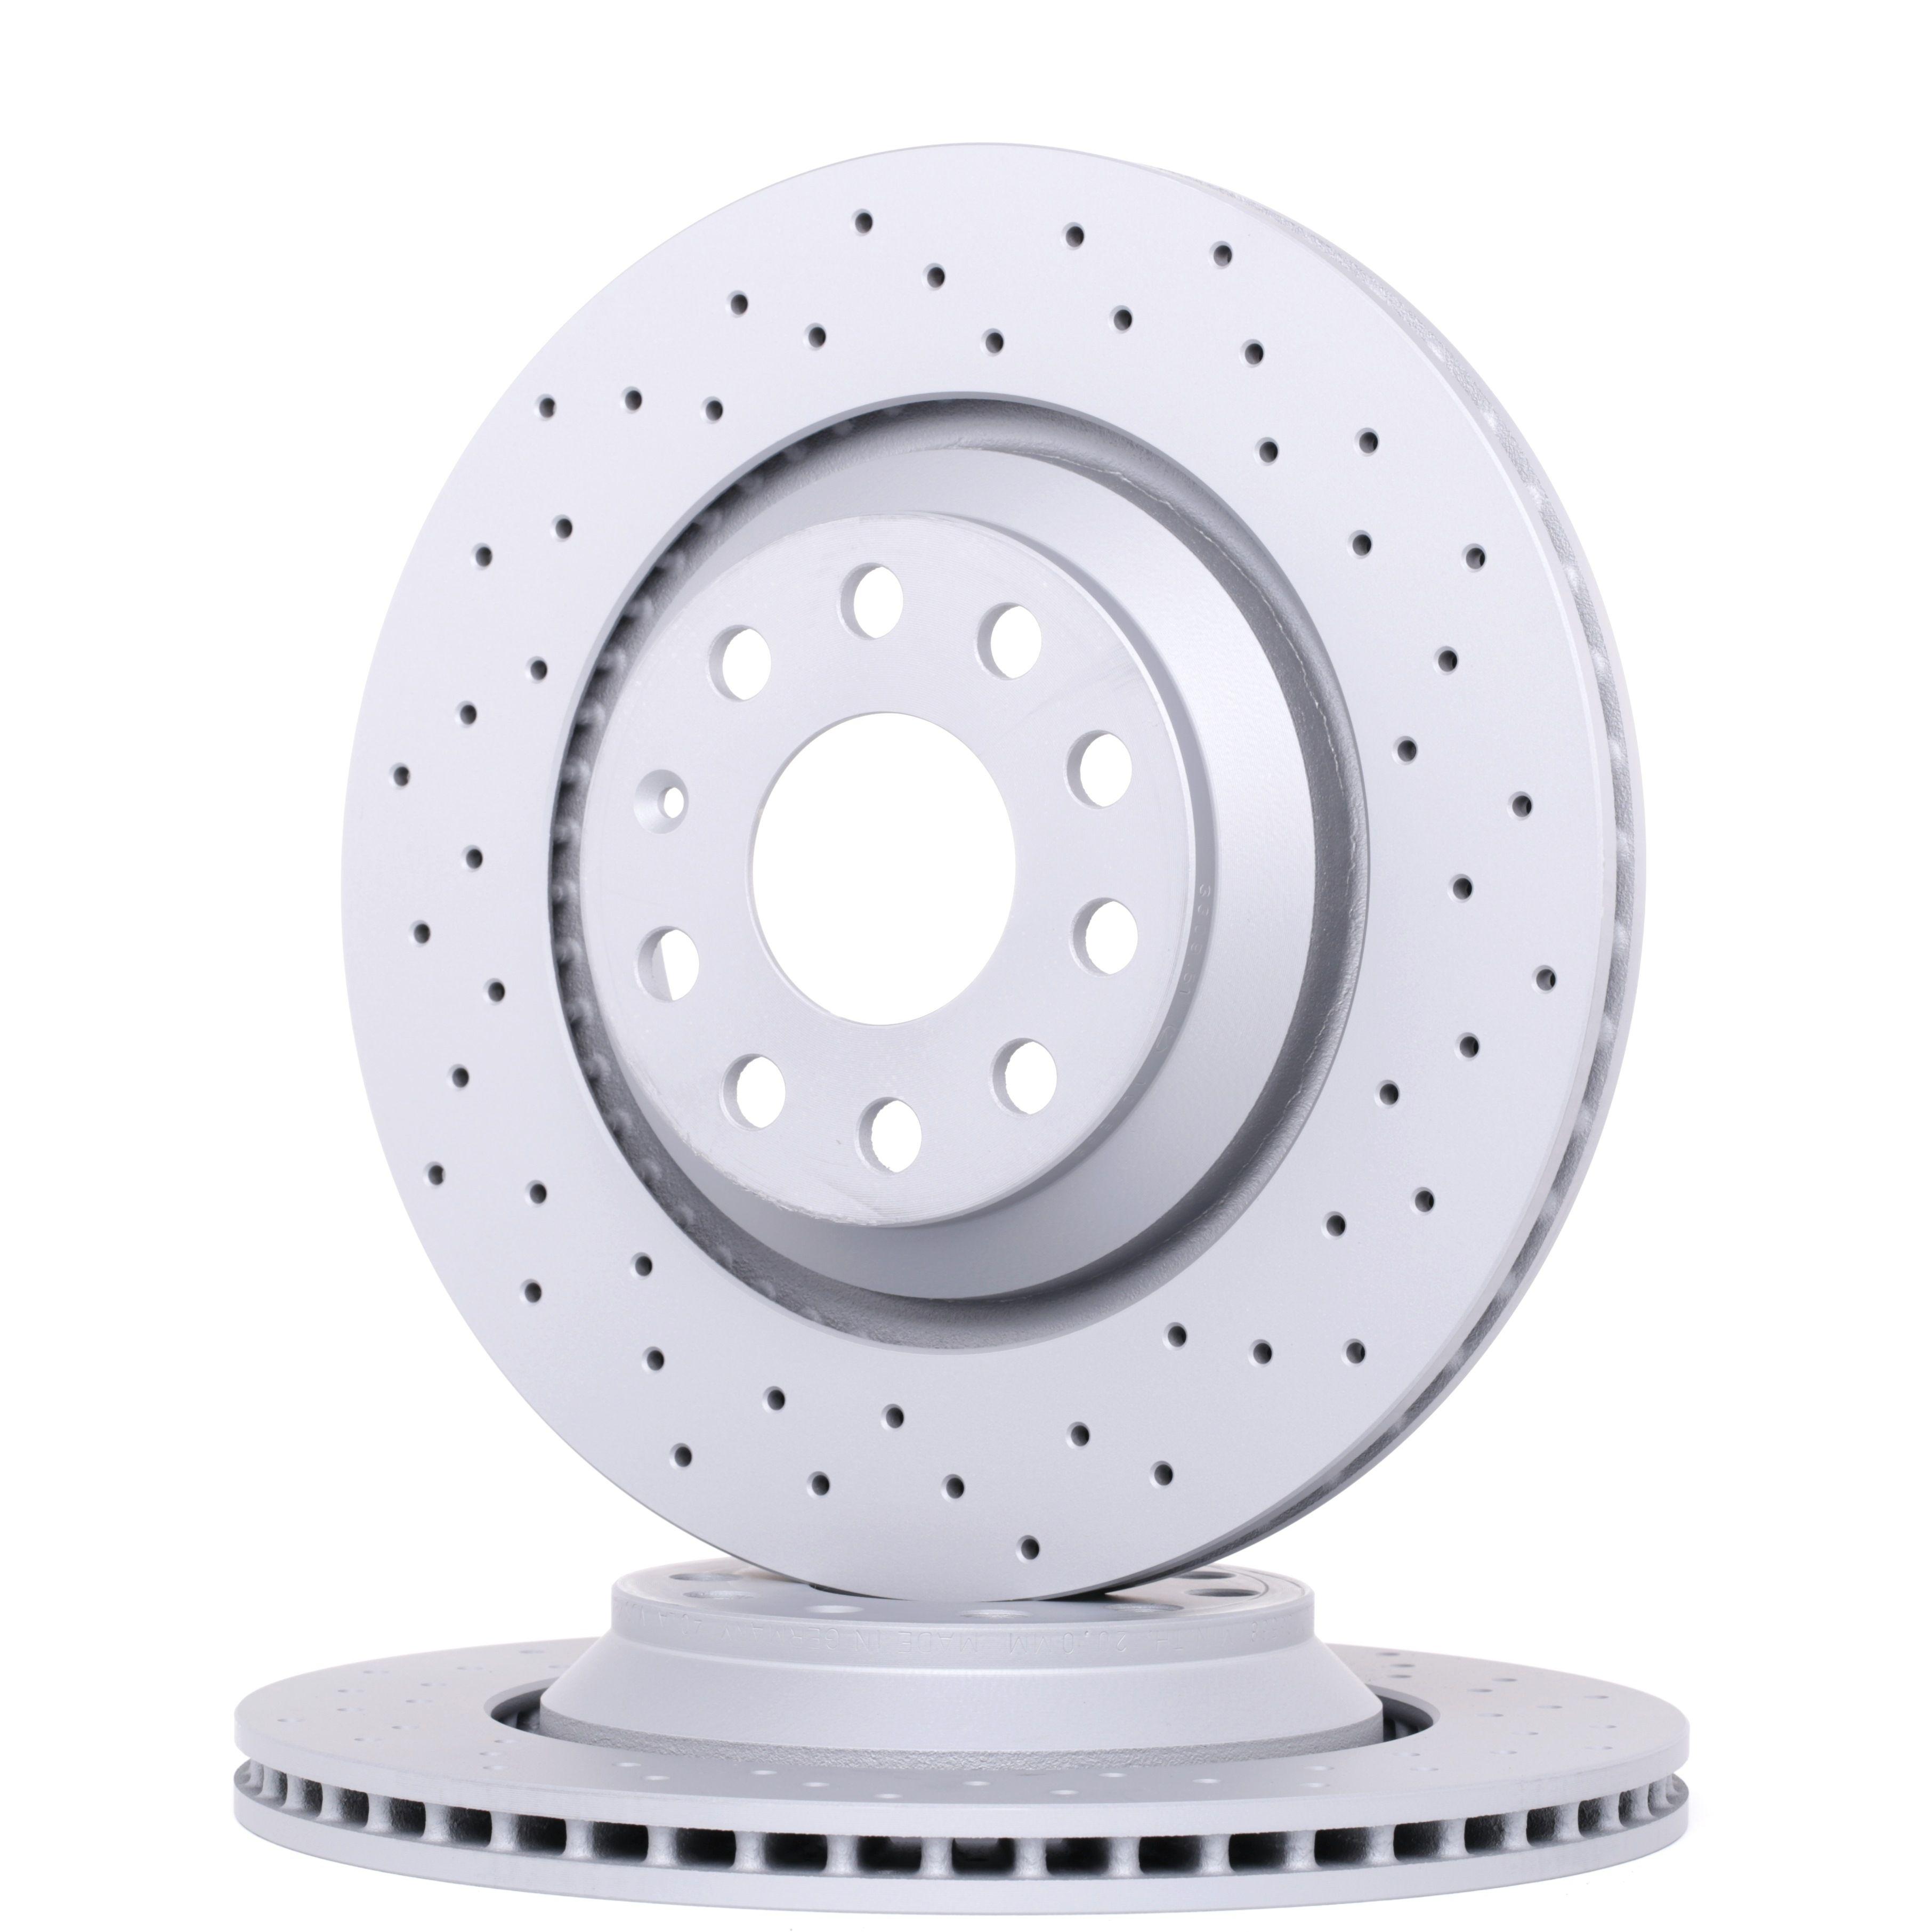 ZIMMERMANN Disc Brakes VW,AUDI,SKODA 100.3309.52 1K0615601N,5Q0615601E,1K0615601N Brake Rotors,Brake Discs,Disk Brakes,Brake Disc 5Q0615601E